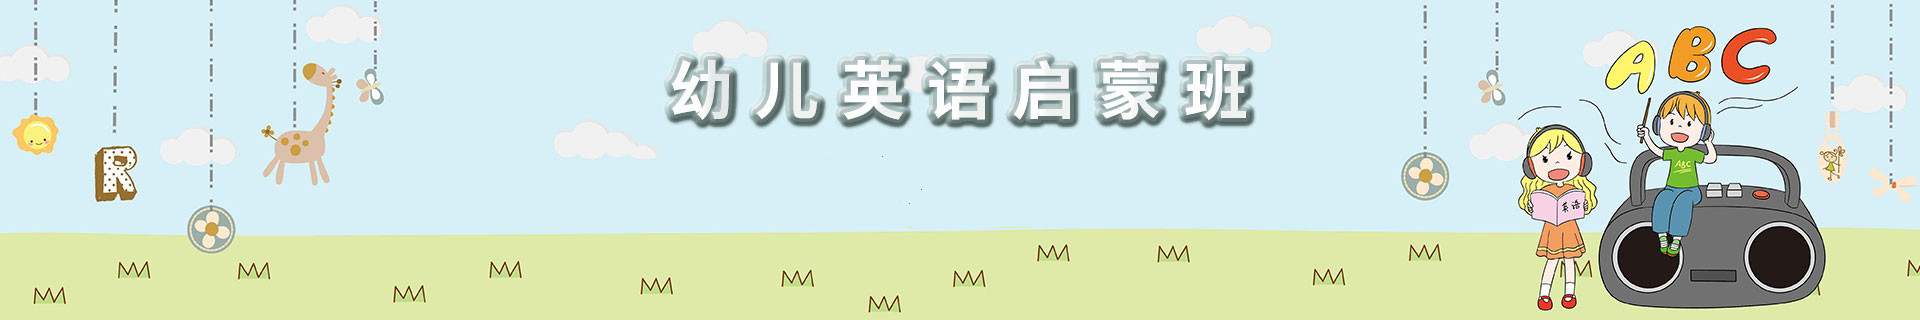 青岛开发区新城吾悦韦纳教育机构